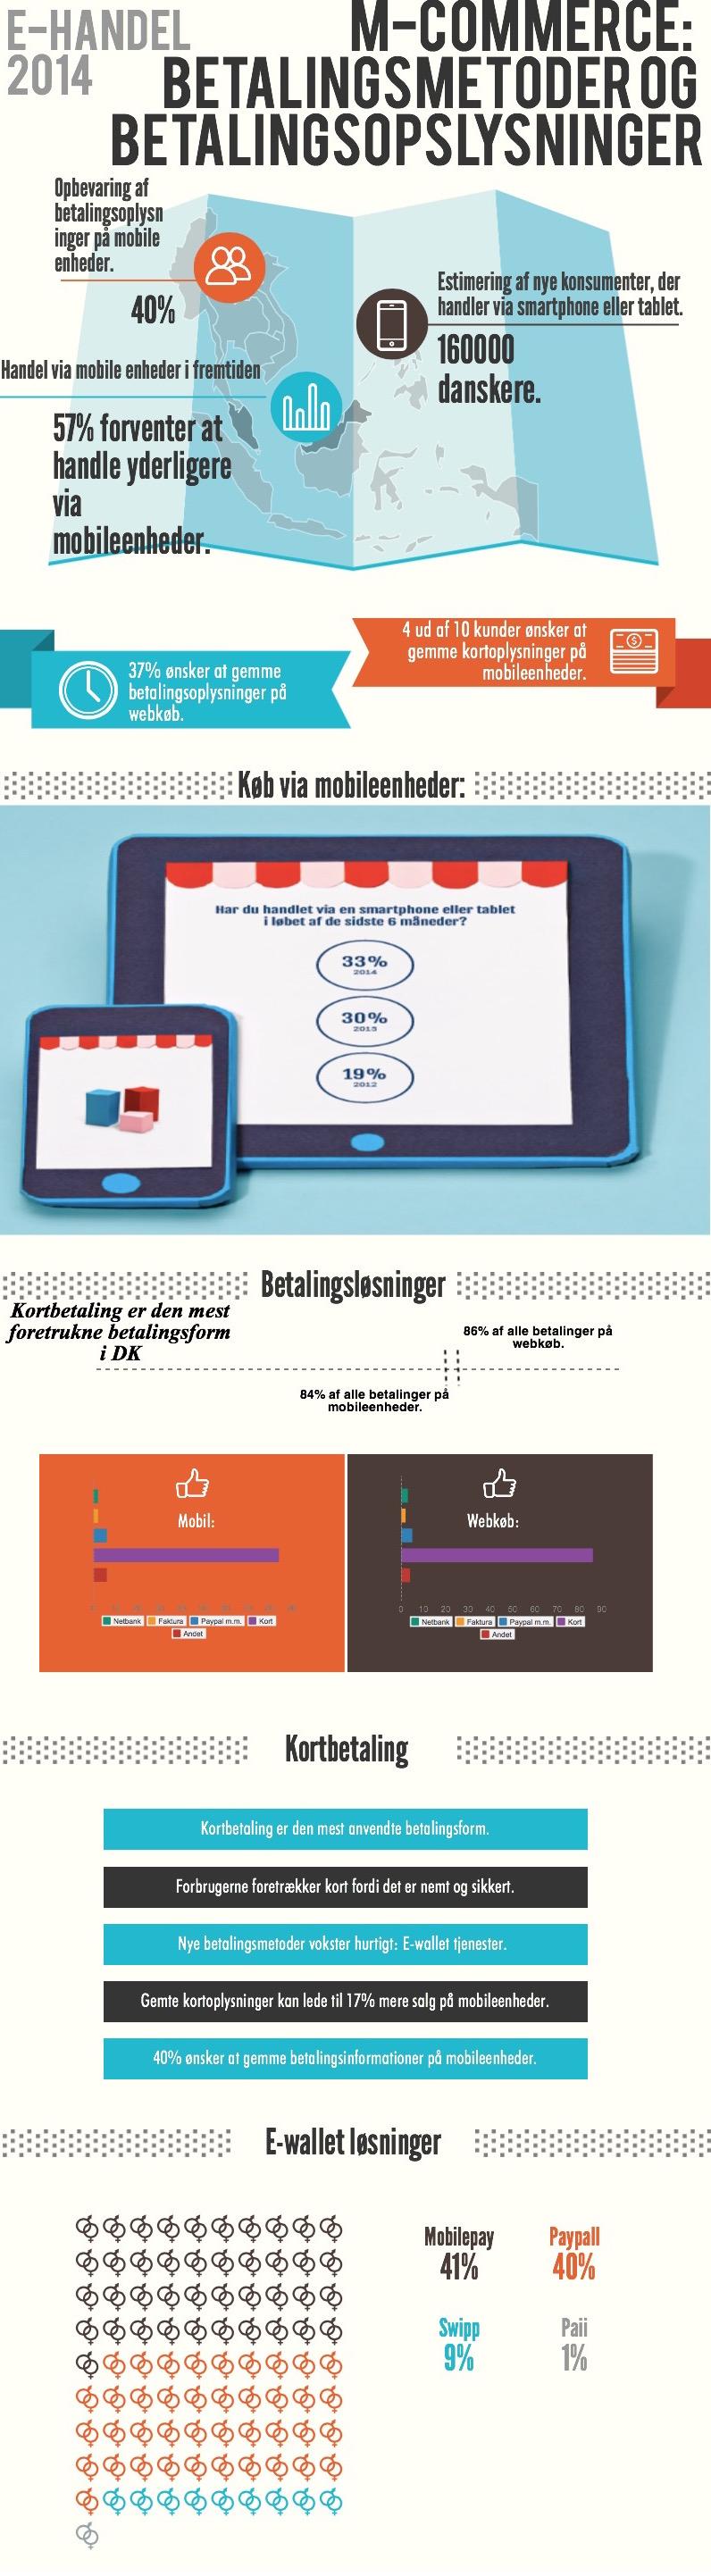 DIBS analyse af E-handel 2014 anden del